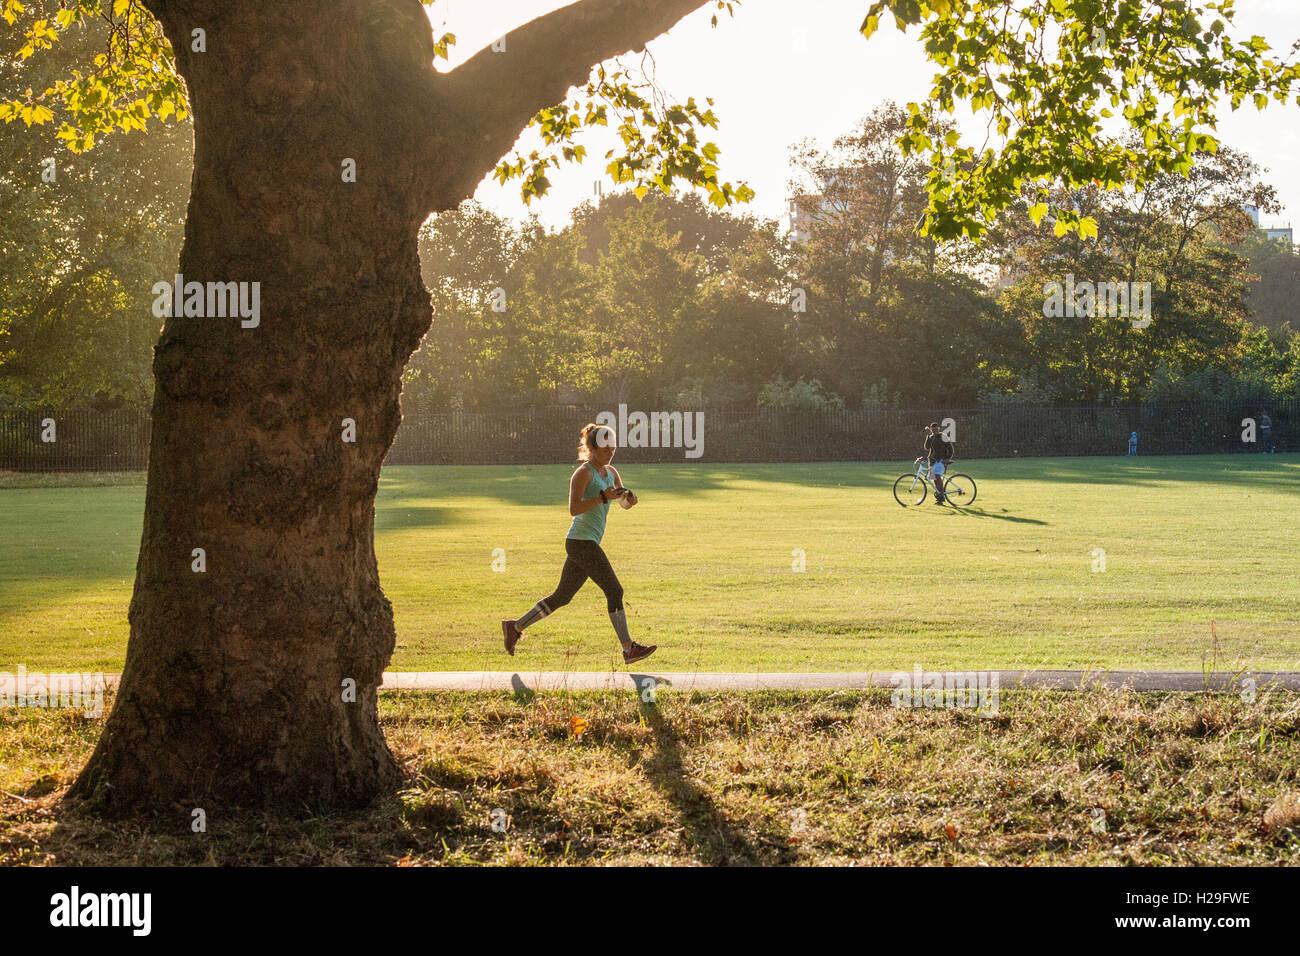 Un corredor corre con el sol de la tarde en un parque de Londres Imagen De Stock